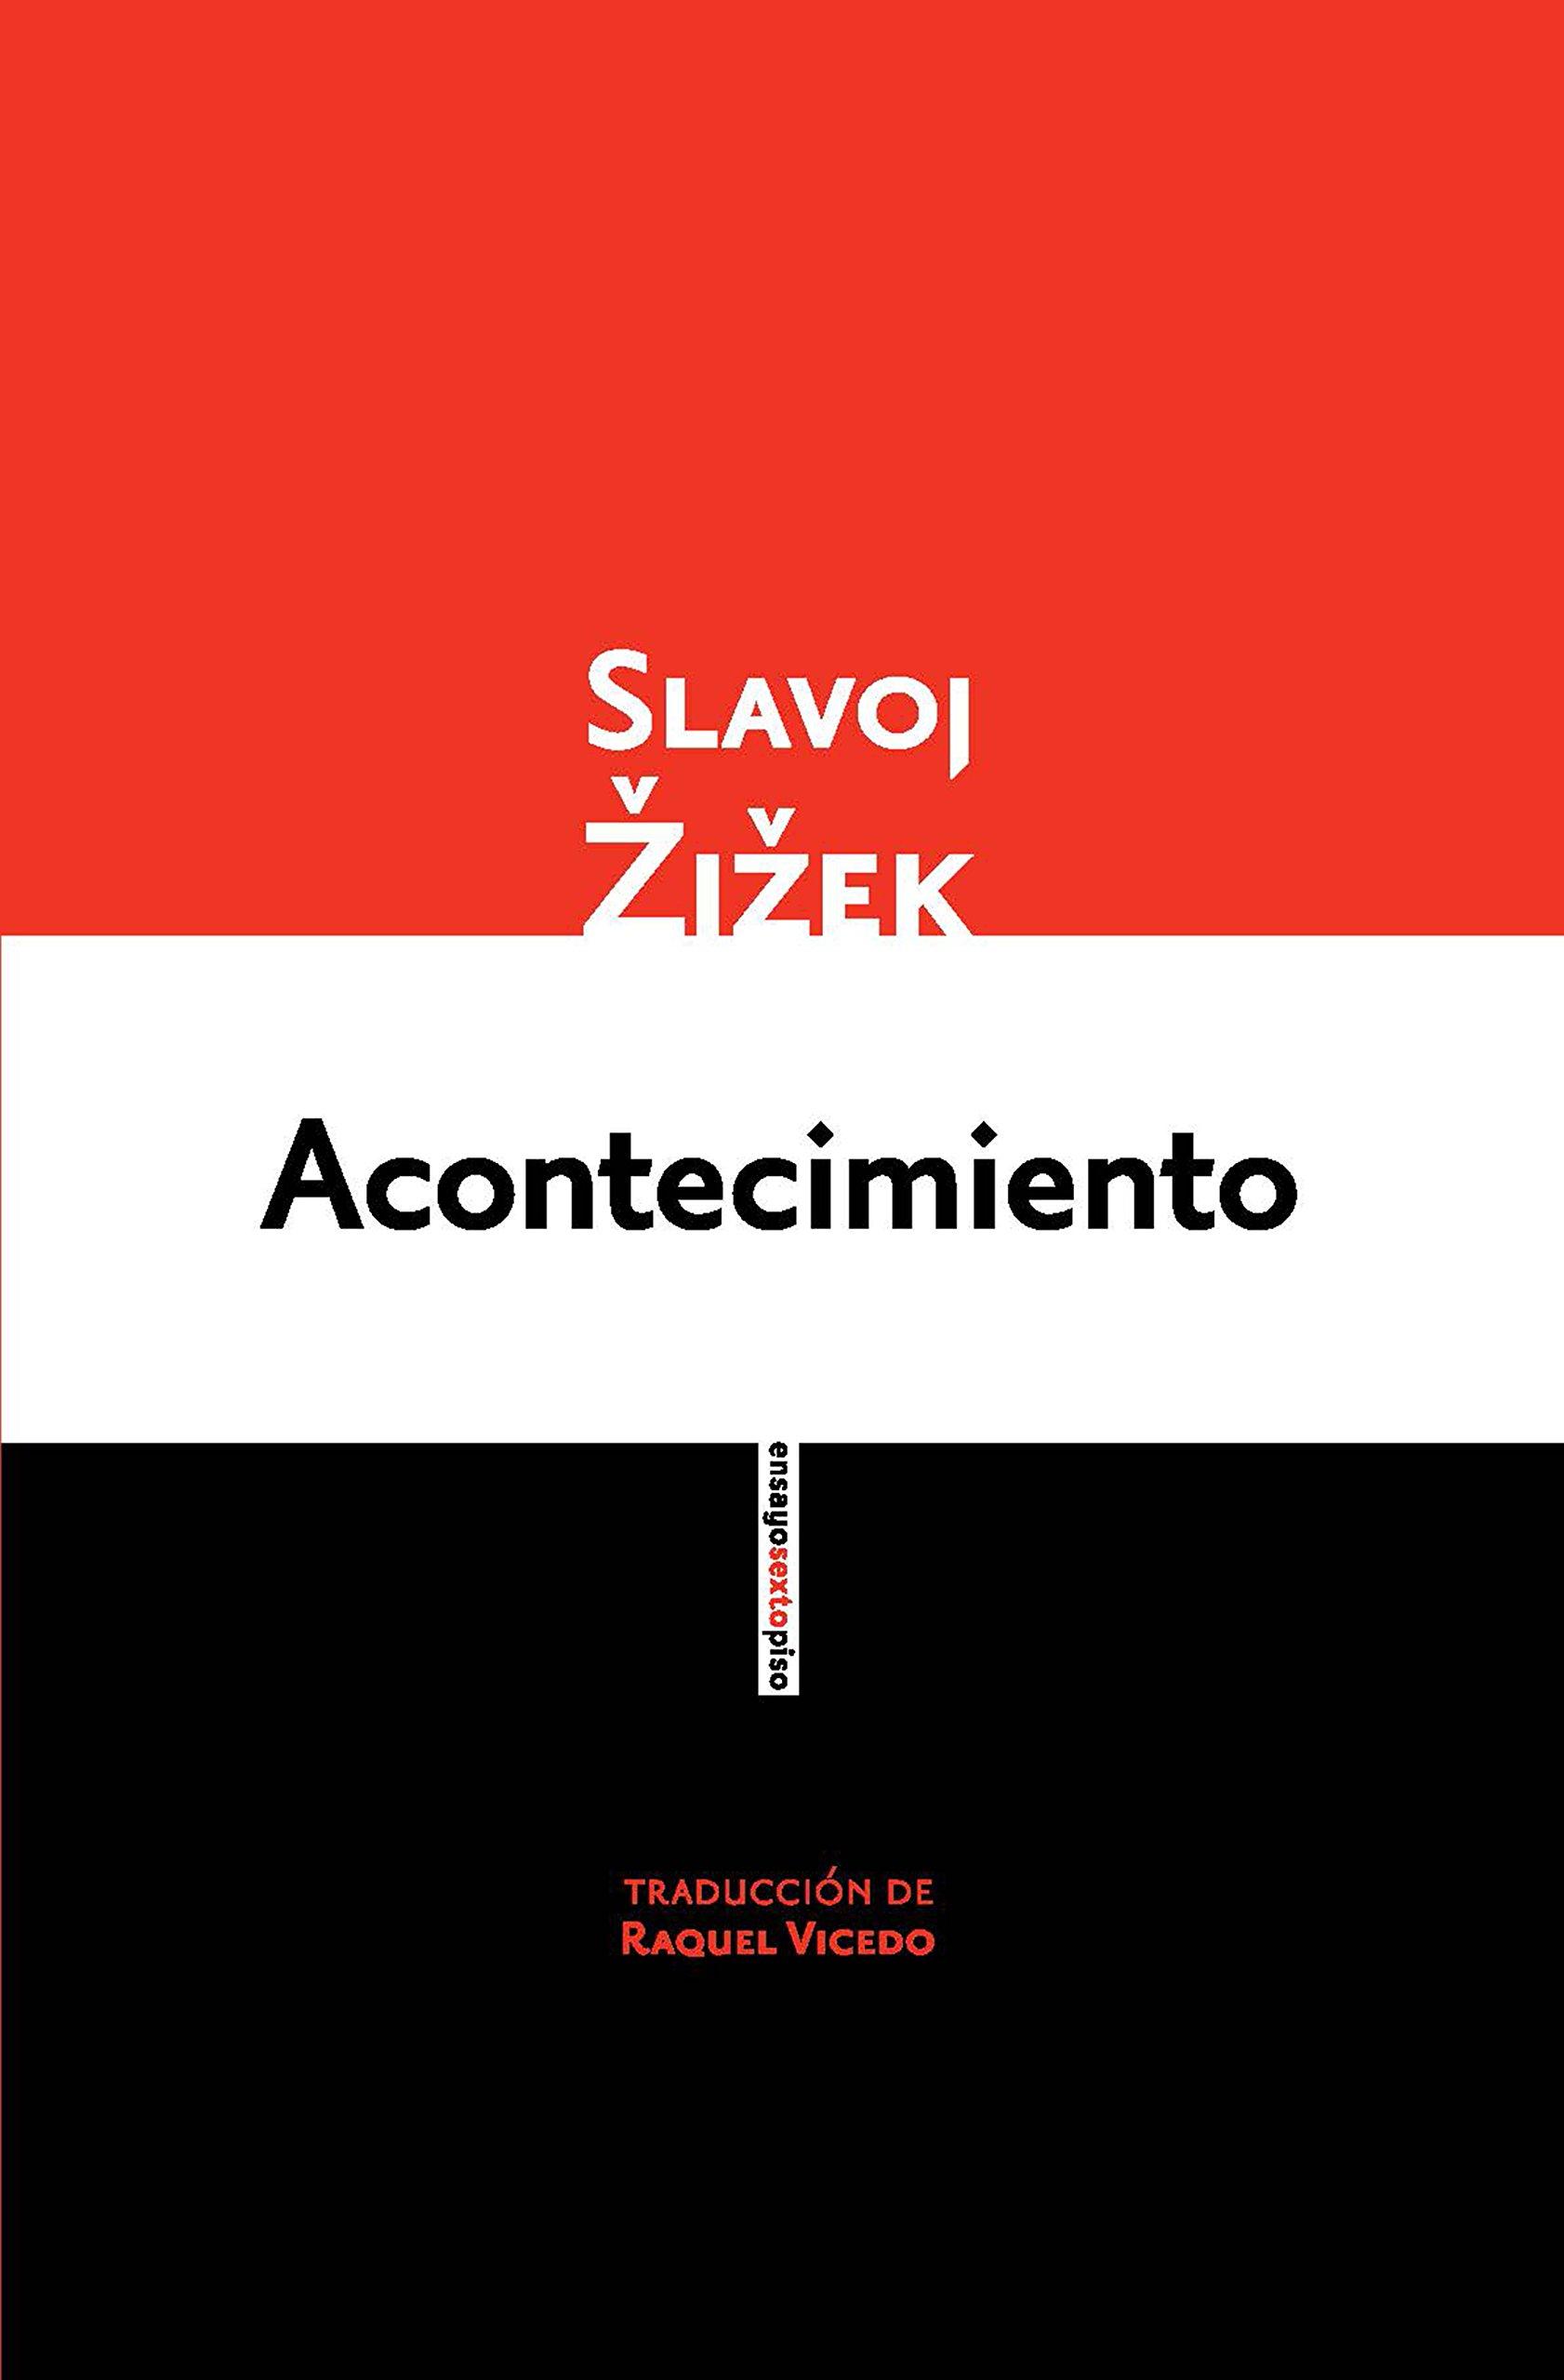 acontecimiento slavoj zizek pdf 13